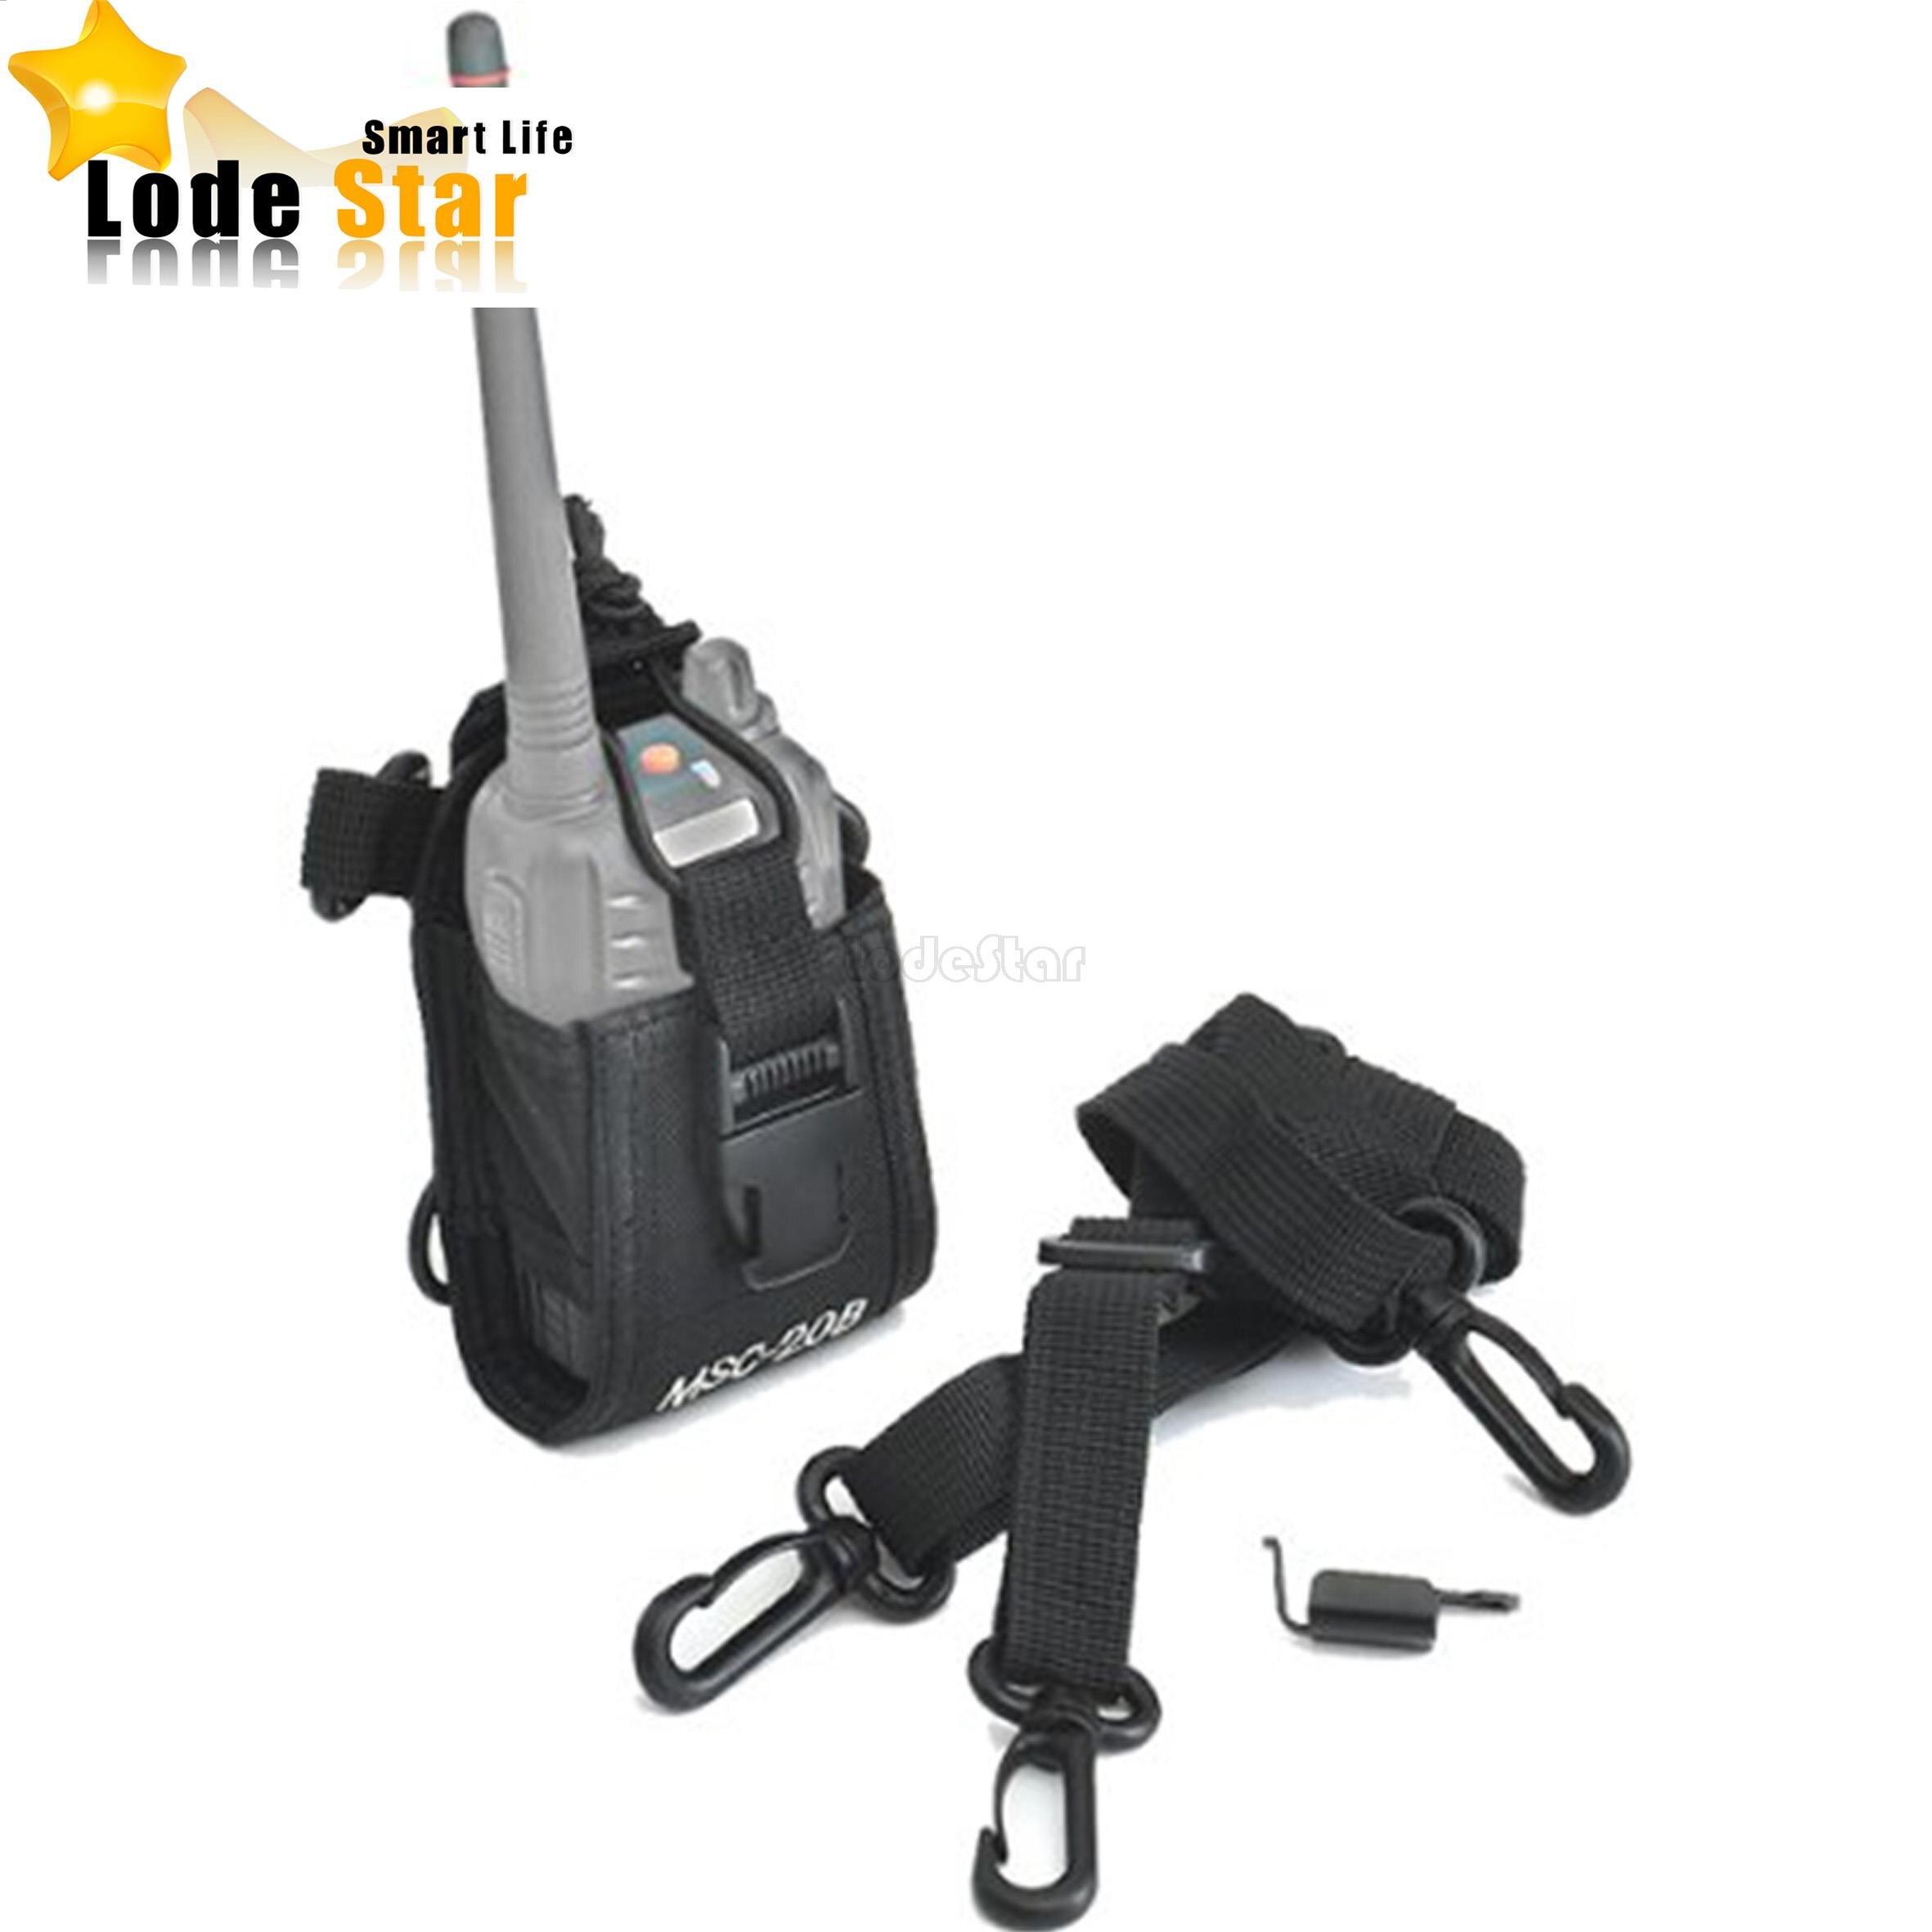 bilder für MSC-20B multifunktionale Radio Fall walkie talkie Tasche inhaber Fall für Baofeng Kenwood sprech UV-5R UV-B5 888 s radio tasche